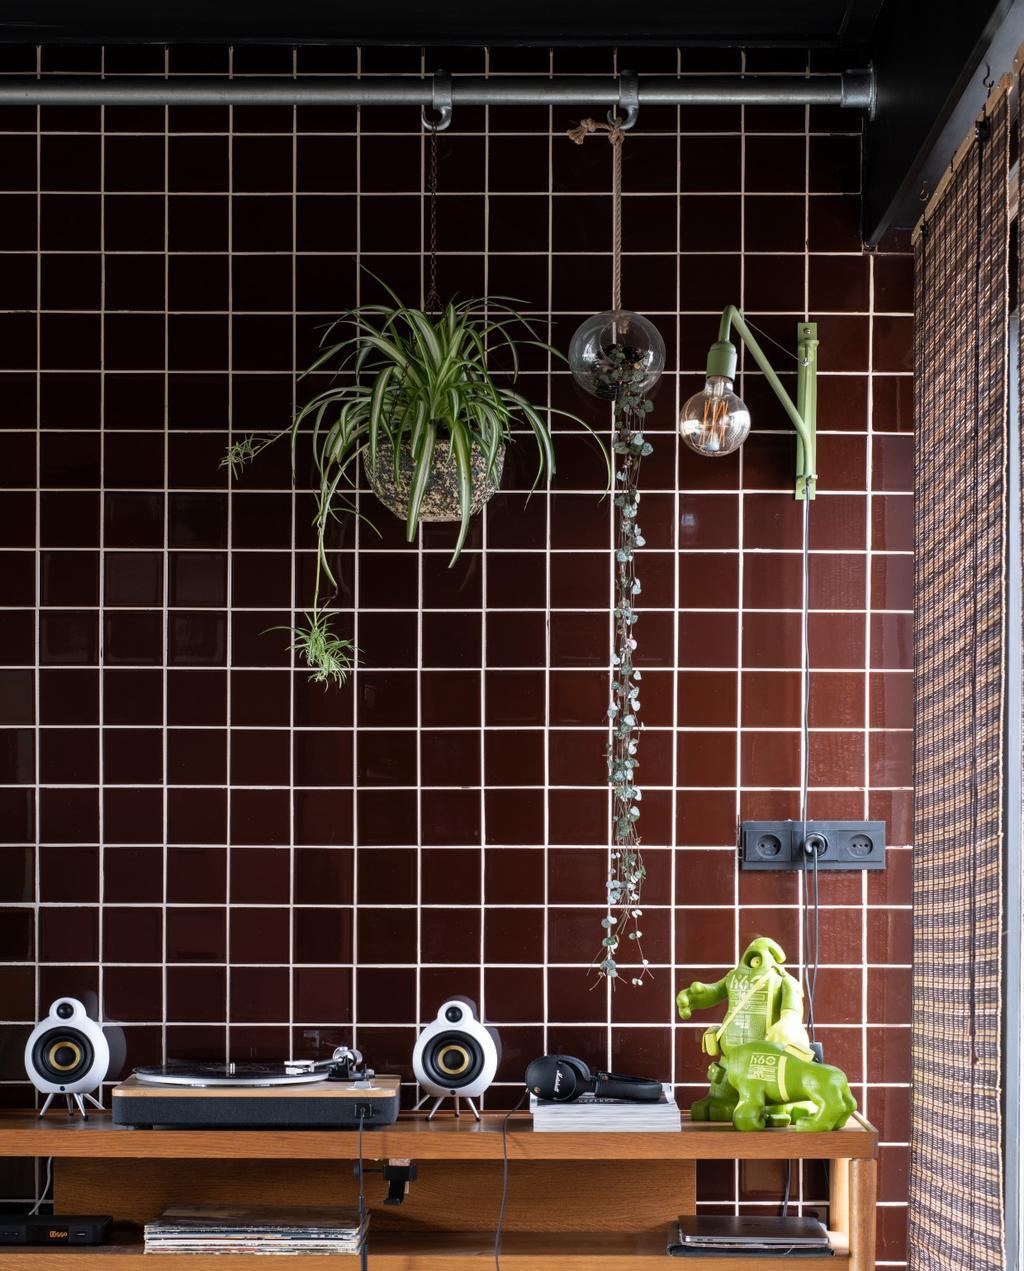 vtwonen binnenkijken 03-2020 | Binnekijken Heerhugowaard bruine tegels met planten